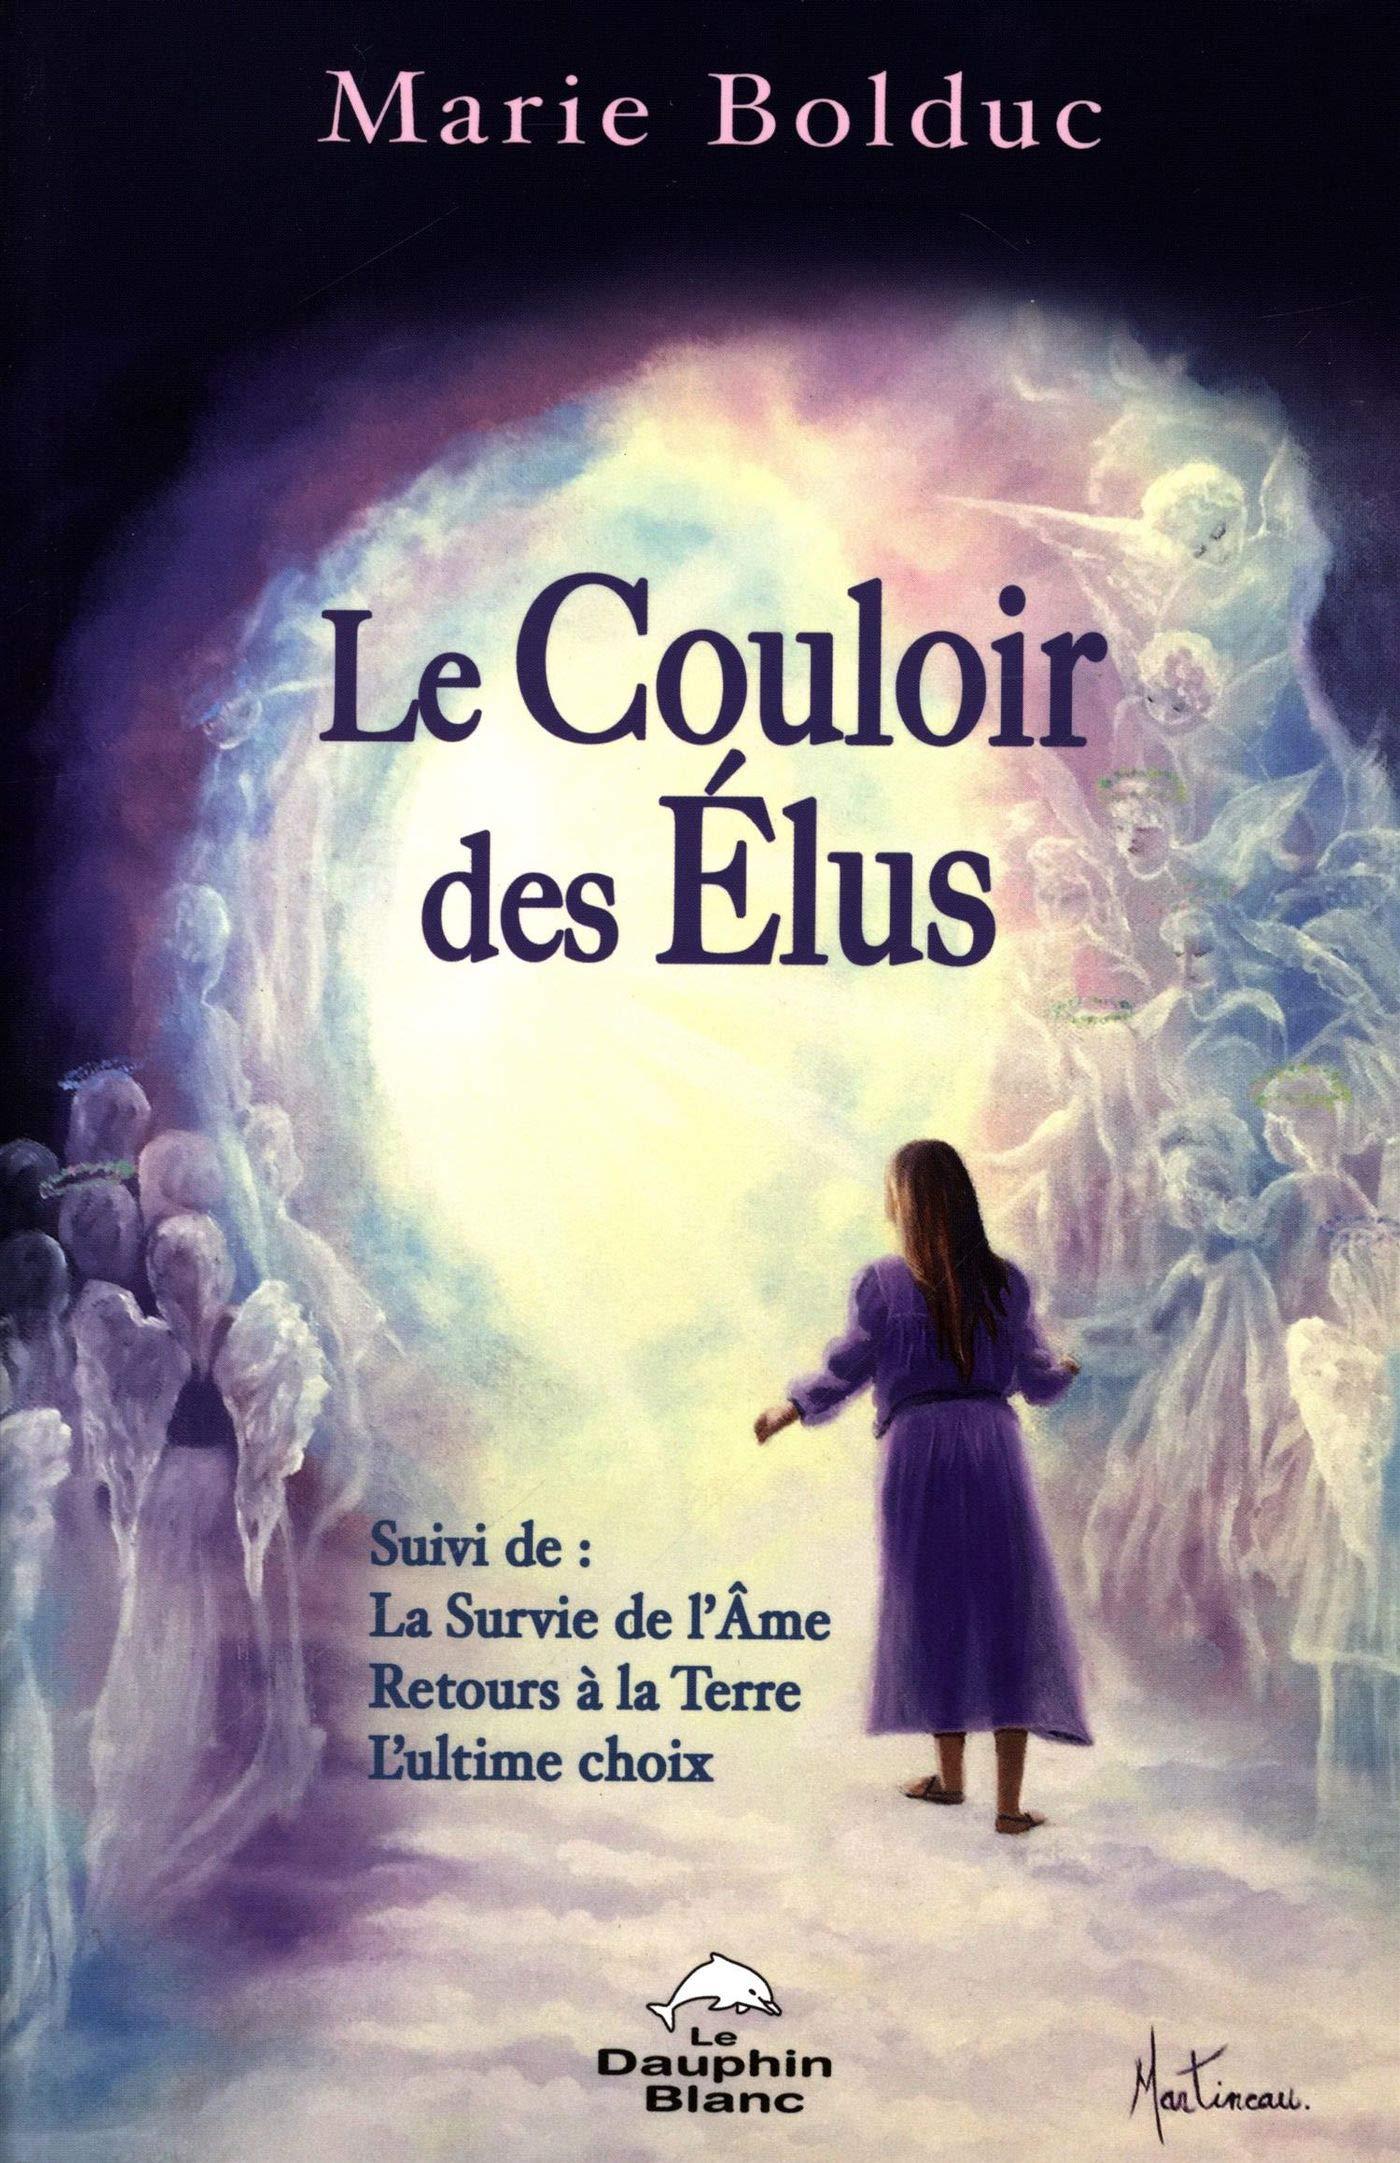 Le Couloir des Elus N.E. por Marie Bolduc